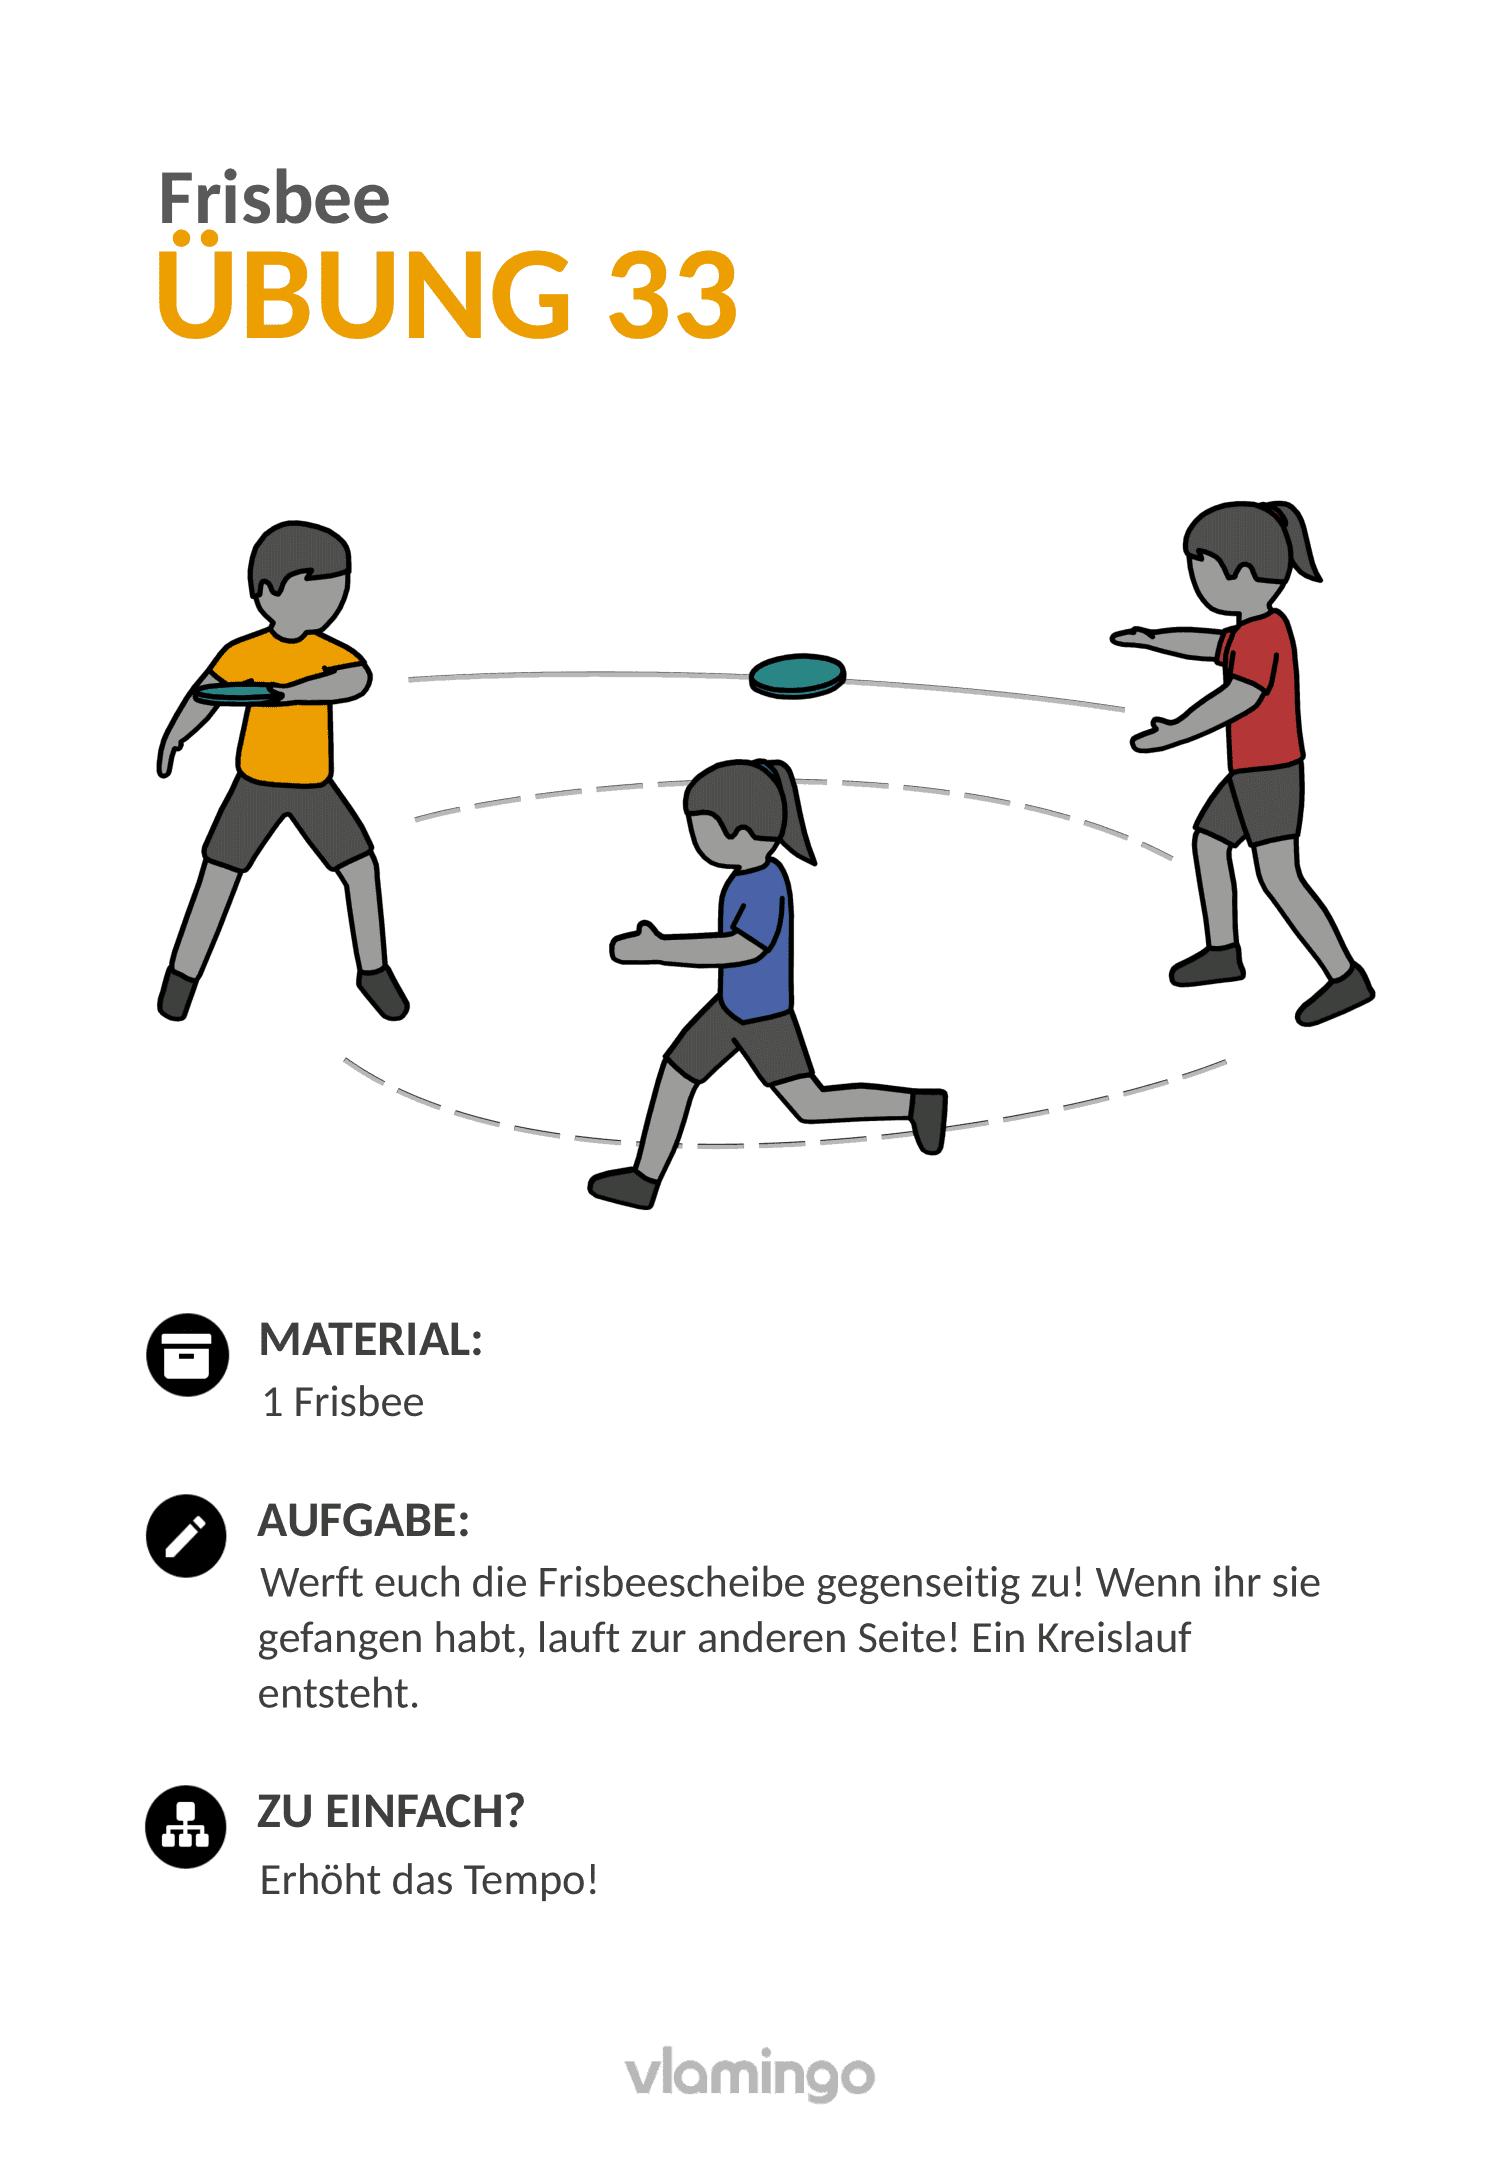 Frisbee - Übung 33